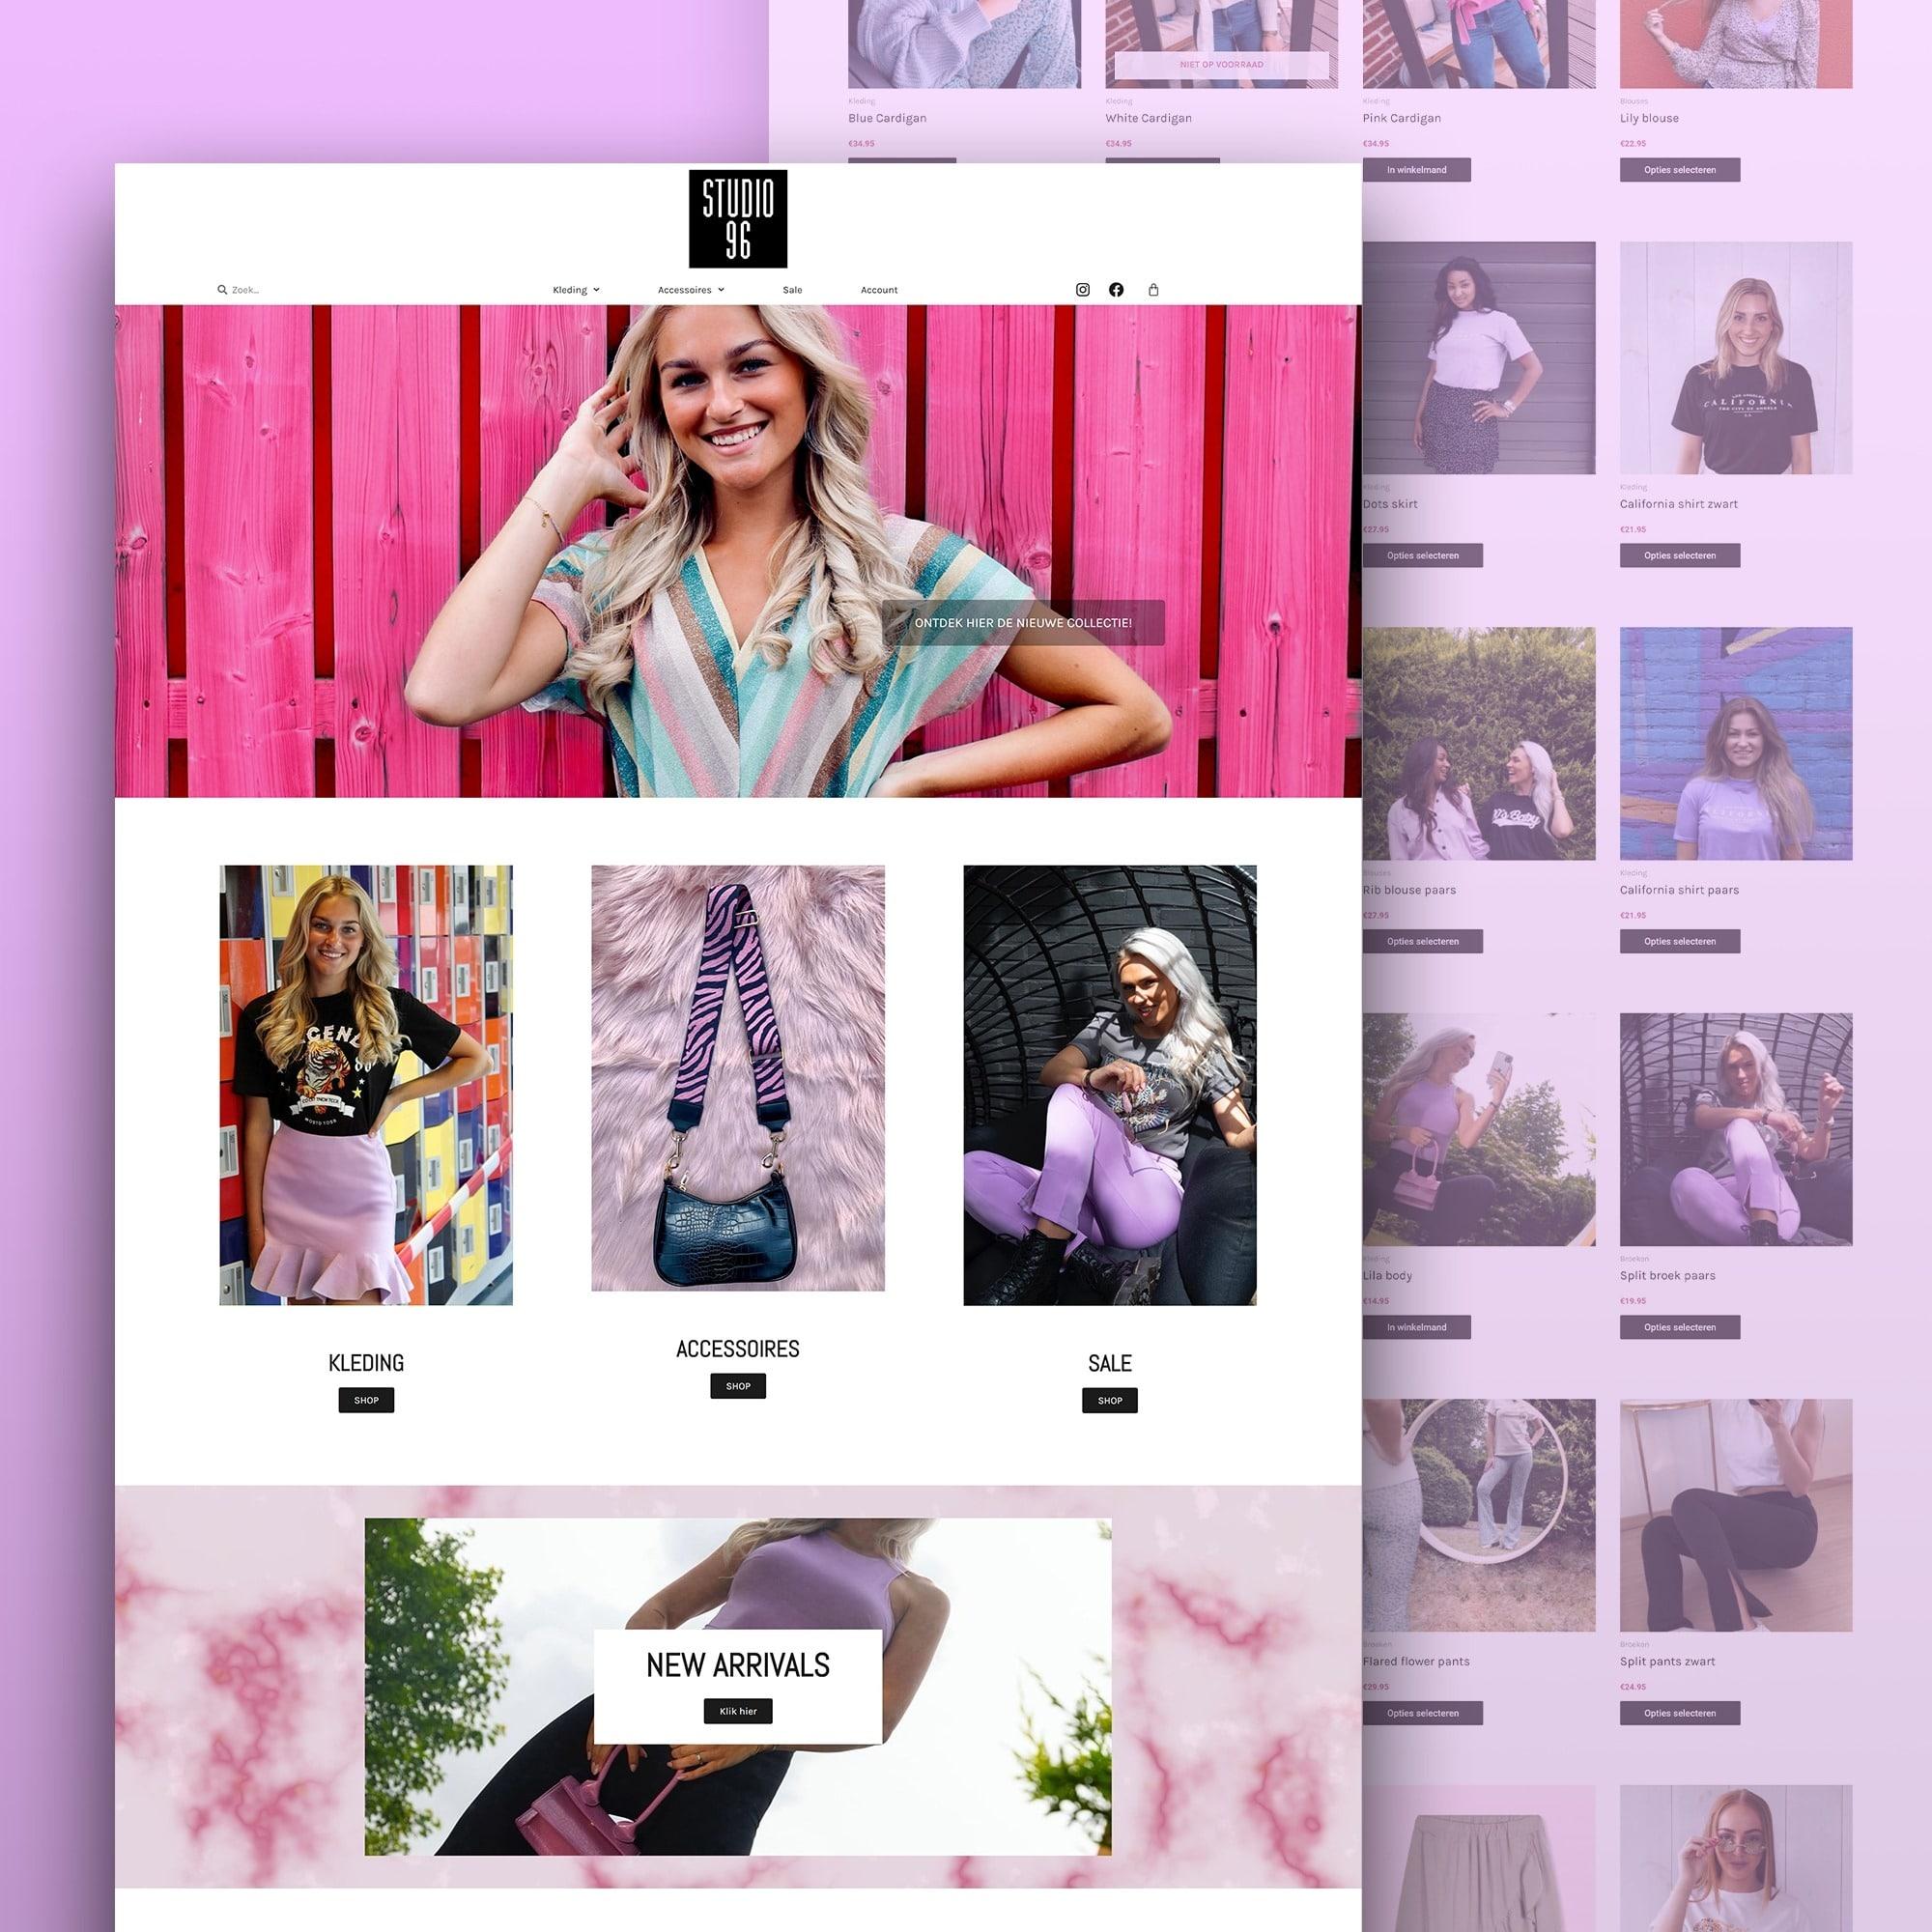 Studio 96 webshop